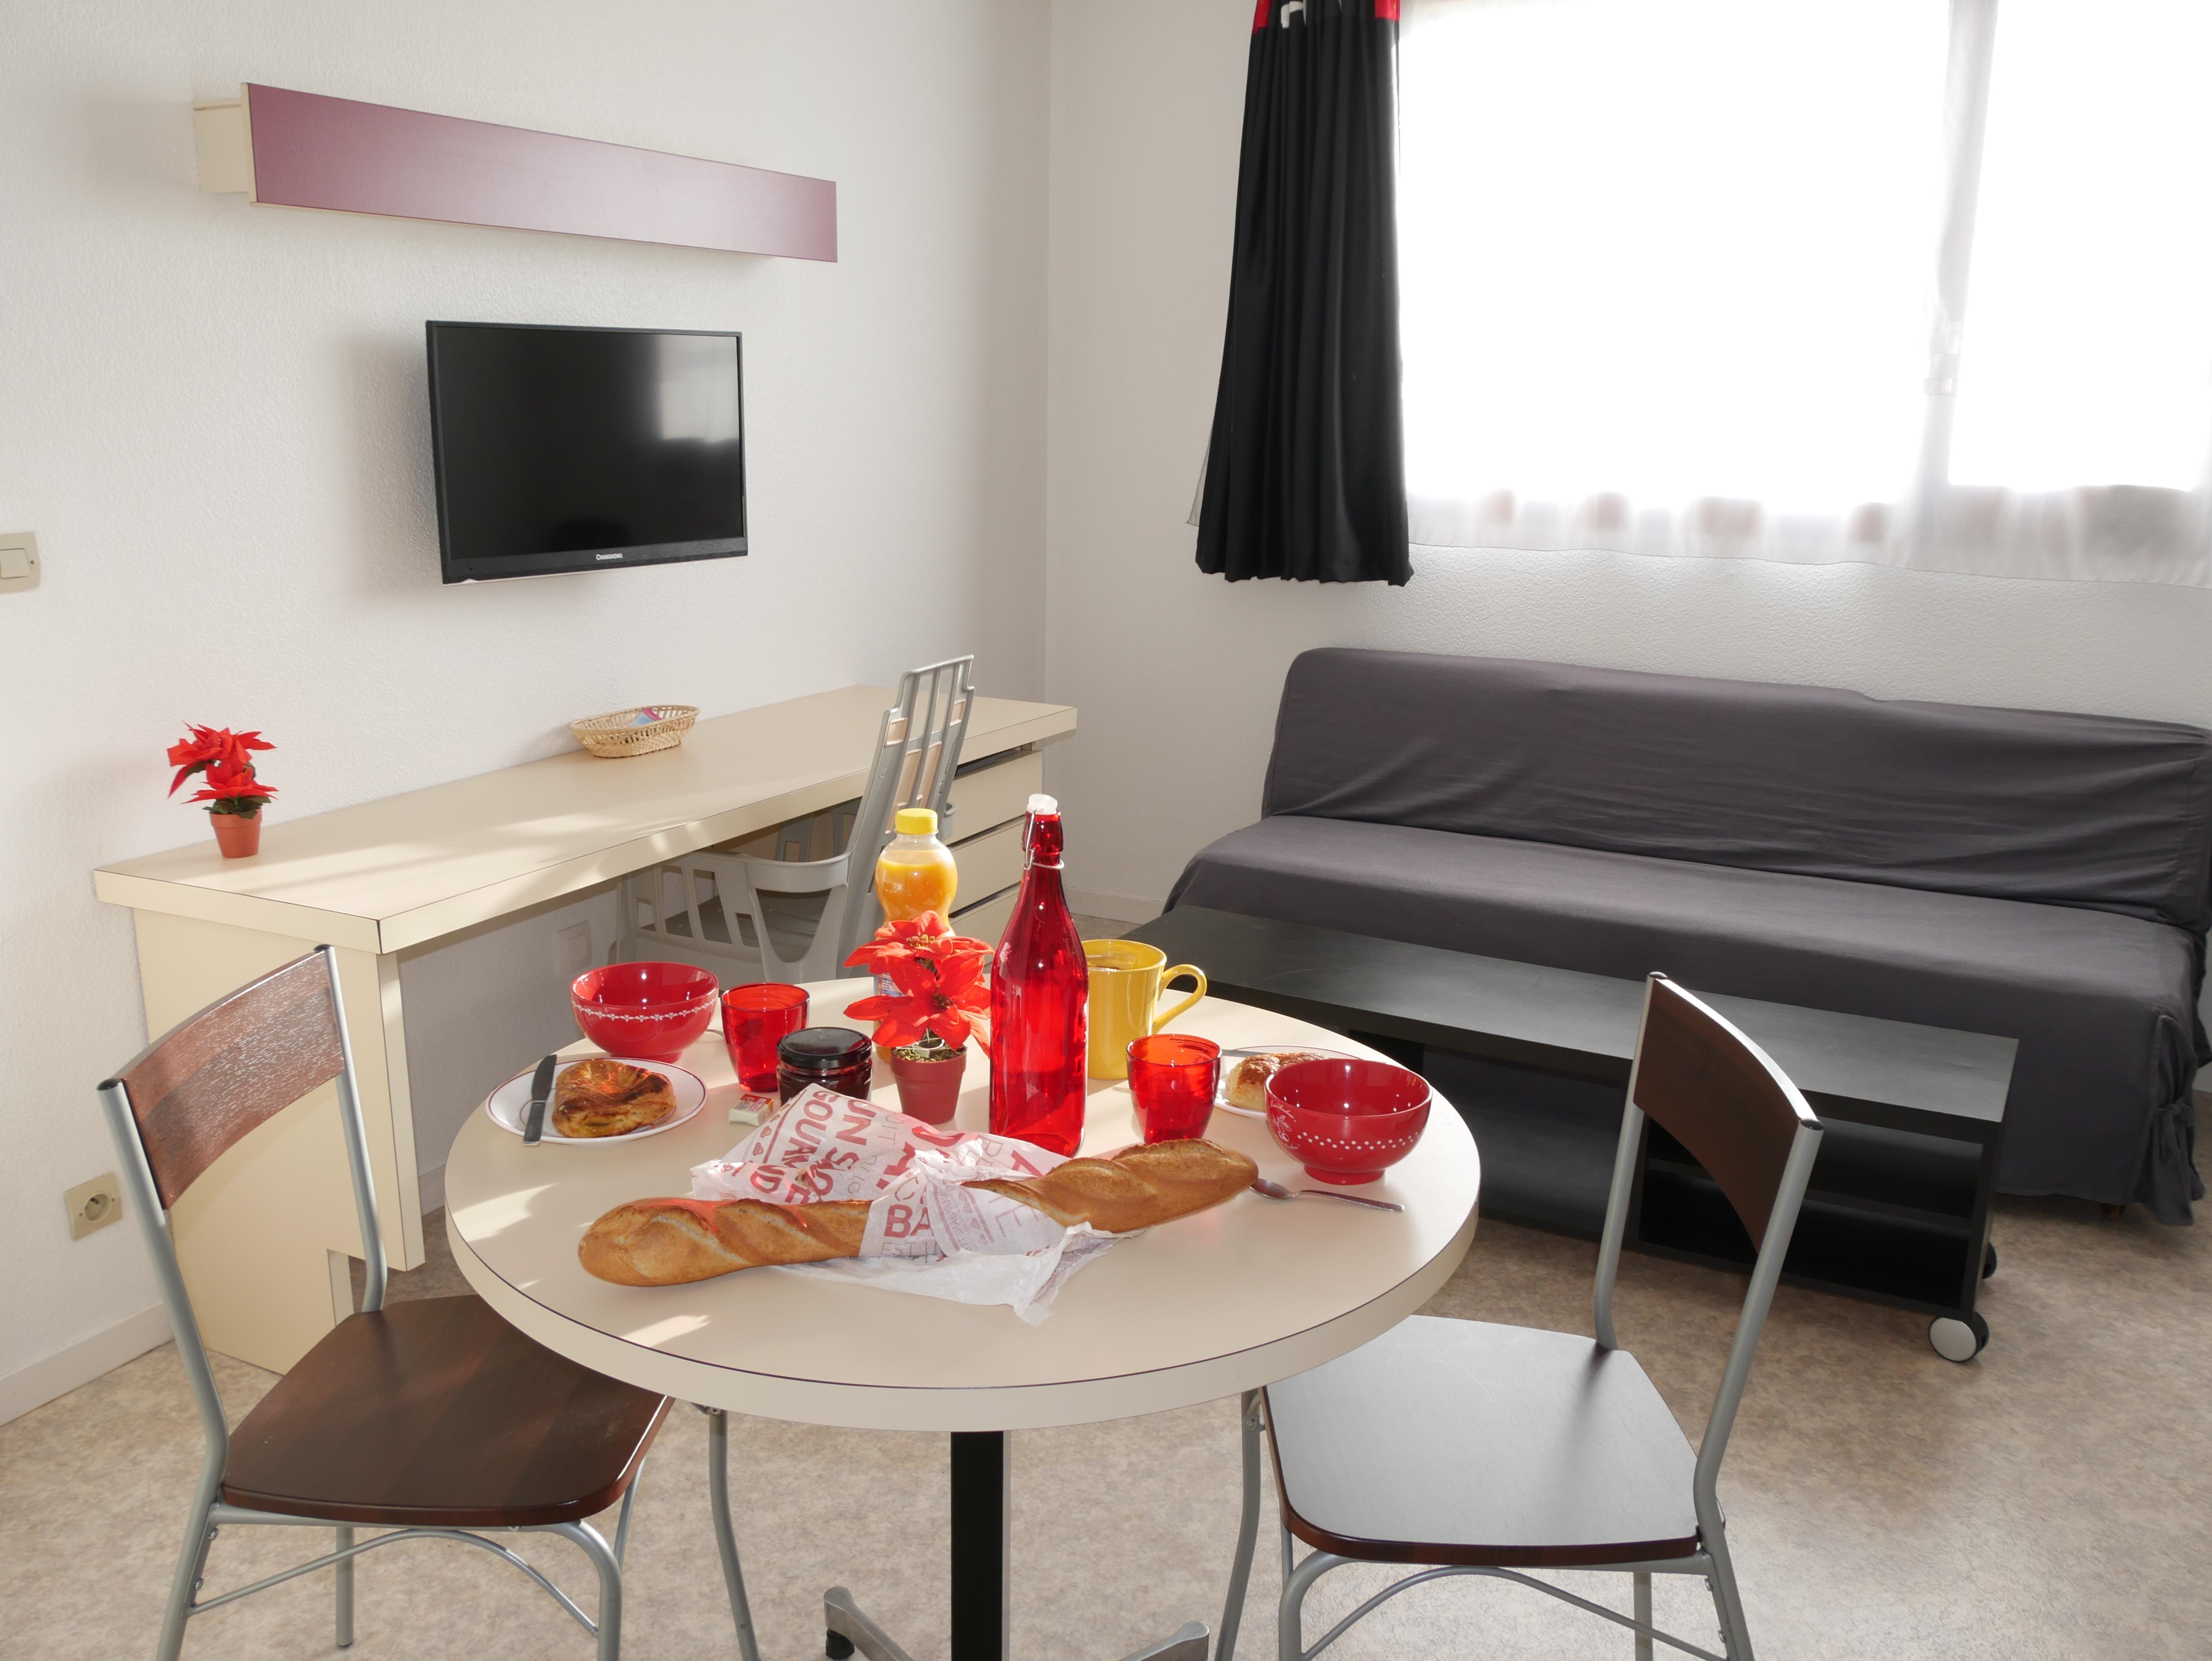 Location Etudiant Caen Le Bon Plan Appartement Meuble Tout Compris